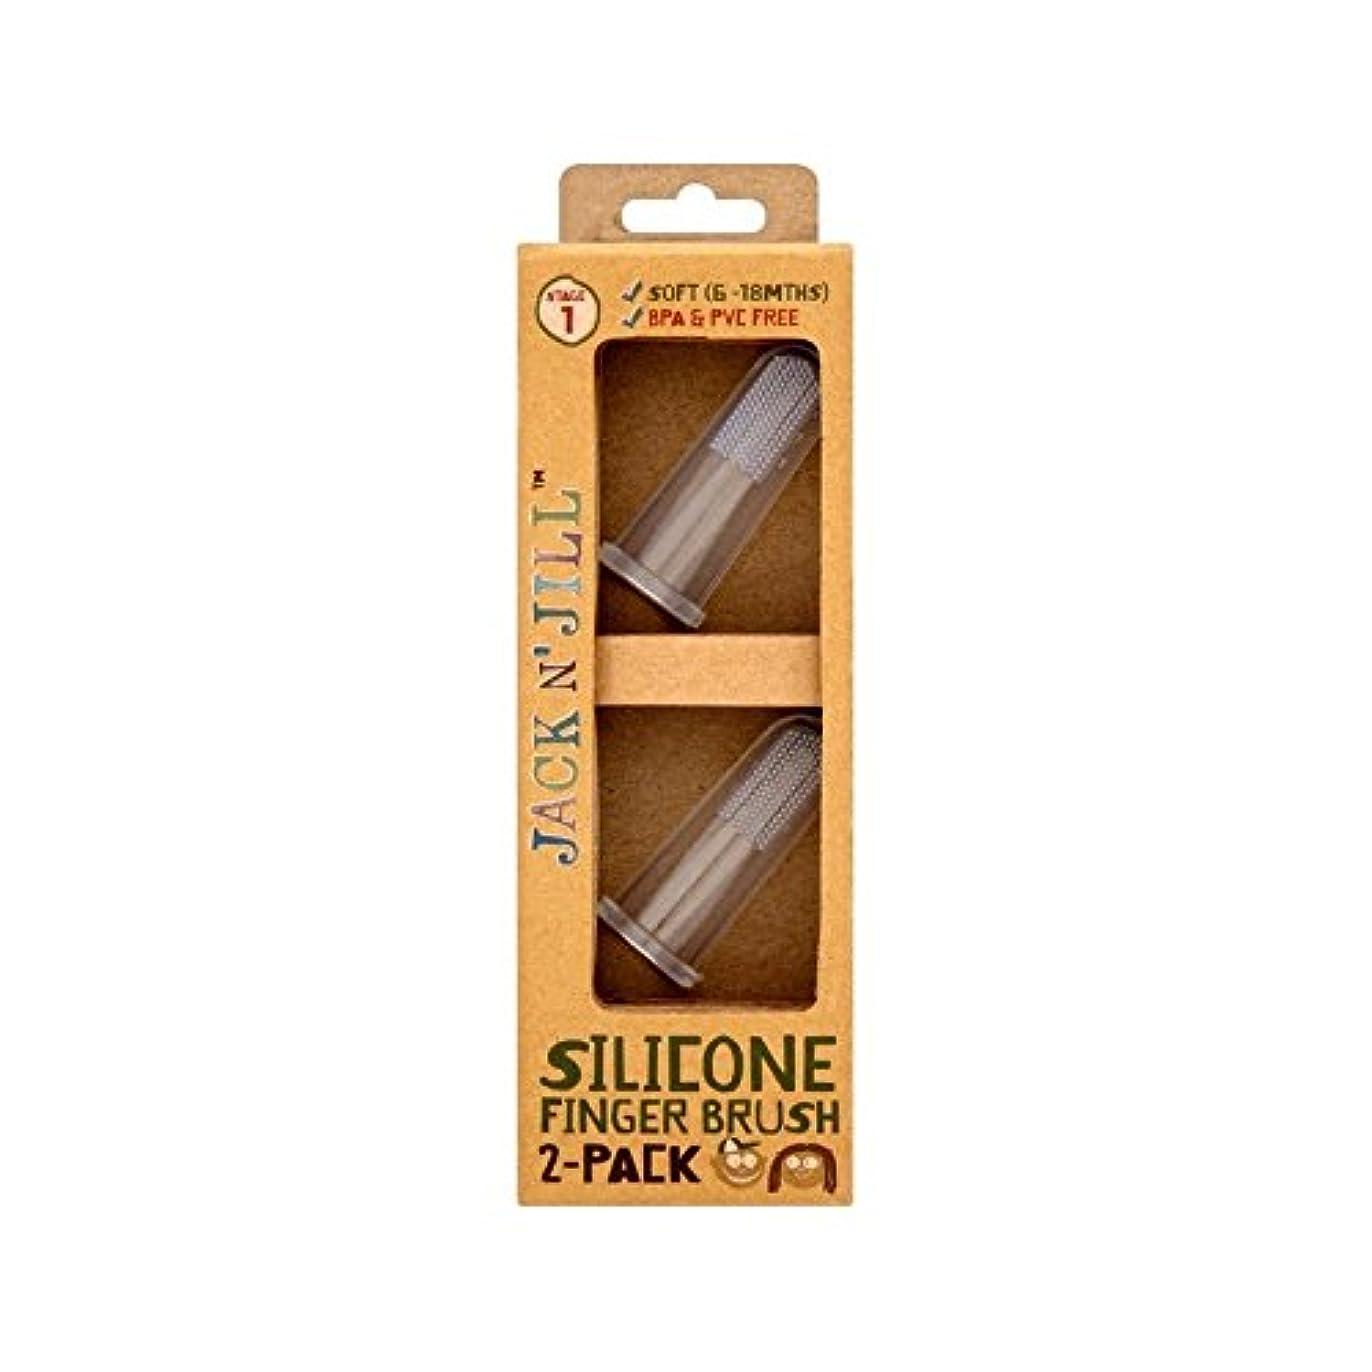 見かけ上家事無意味シリコーン指ブラシ2パックあたりパック2 (Jack N Jill) (x 2) - Jack N' Jill Silicone Finger Brush 2 Pack 2 per pack (Pack of 2) [並行輸入品]